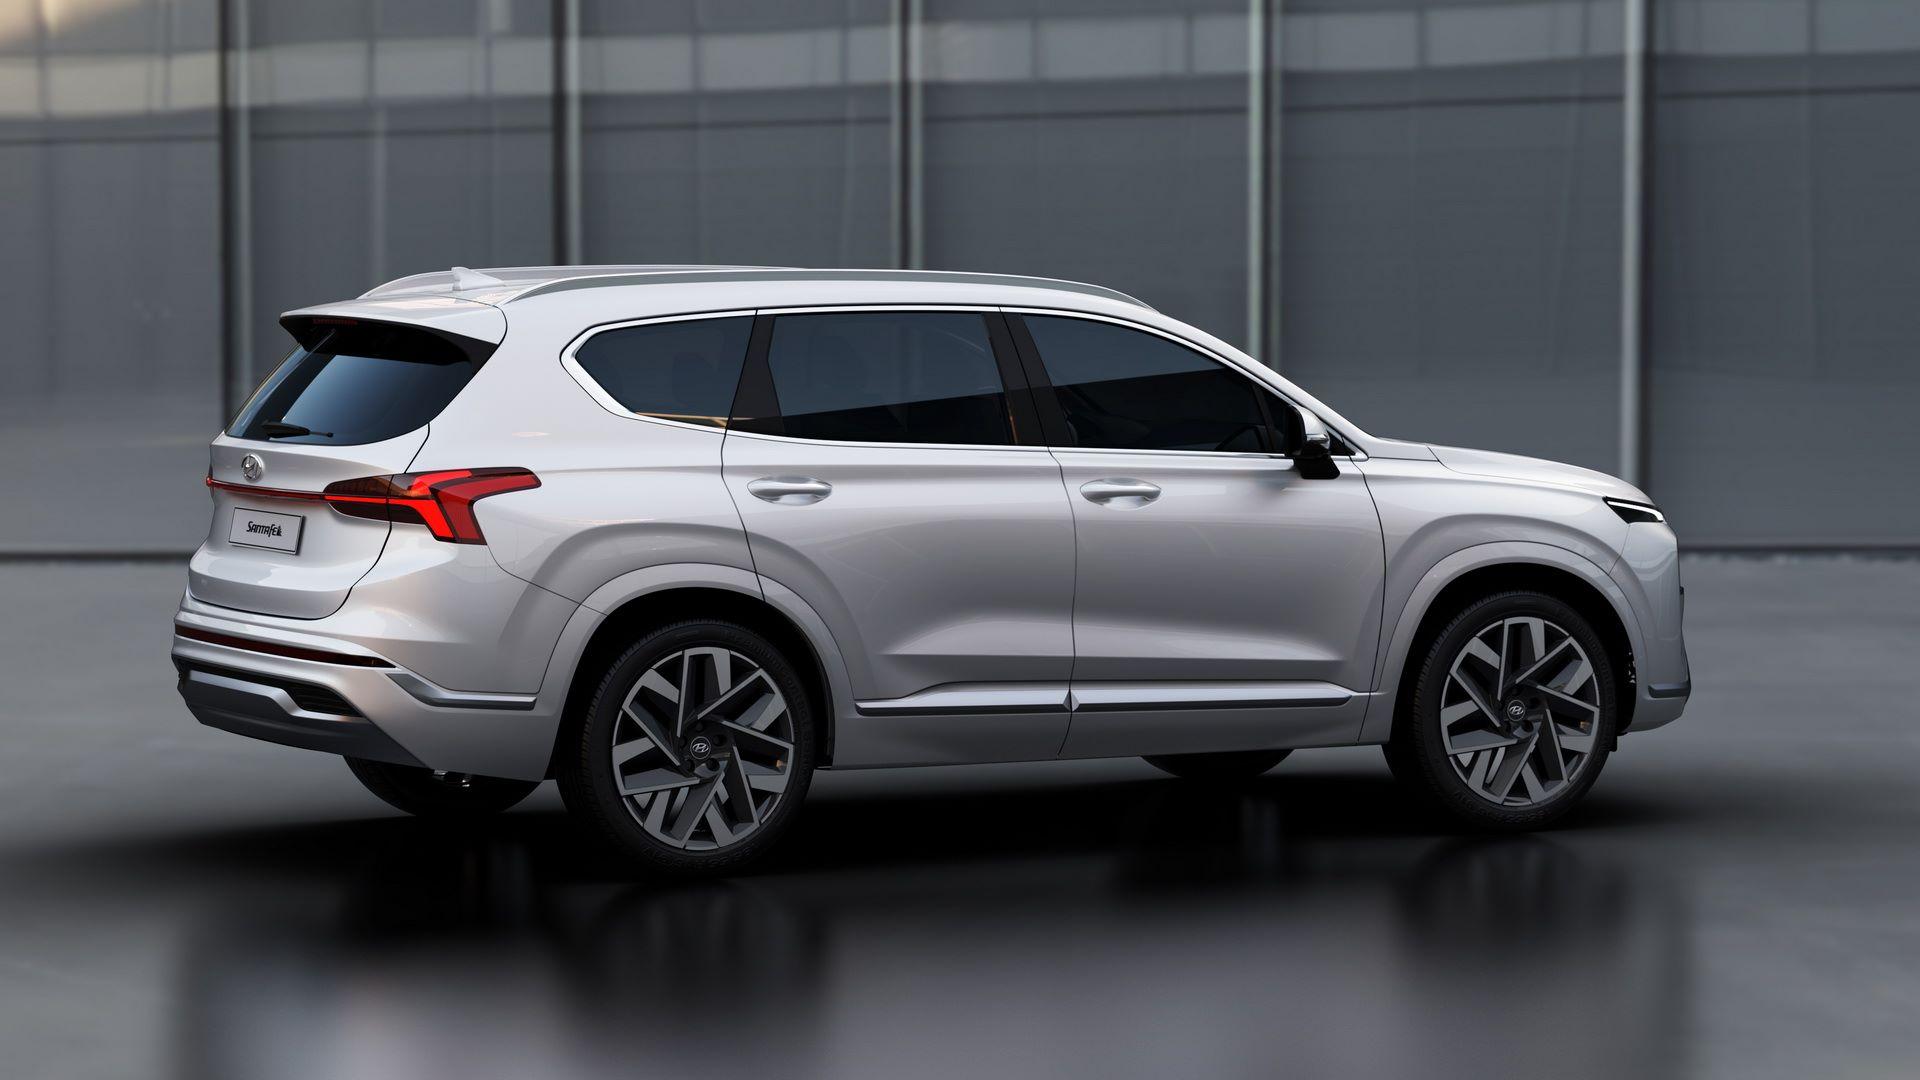 Hyundai-Santa-Fe-2020-8